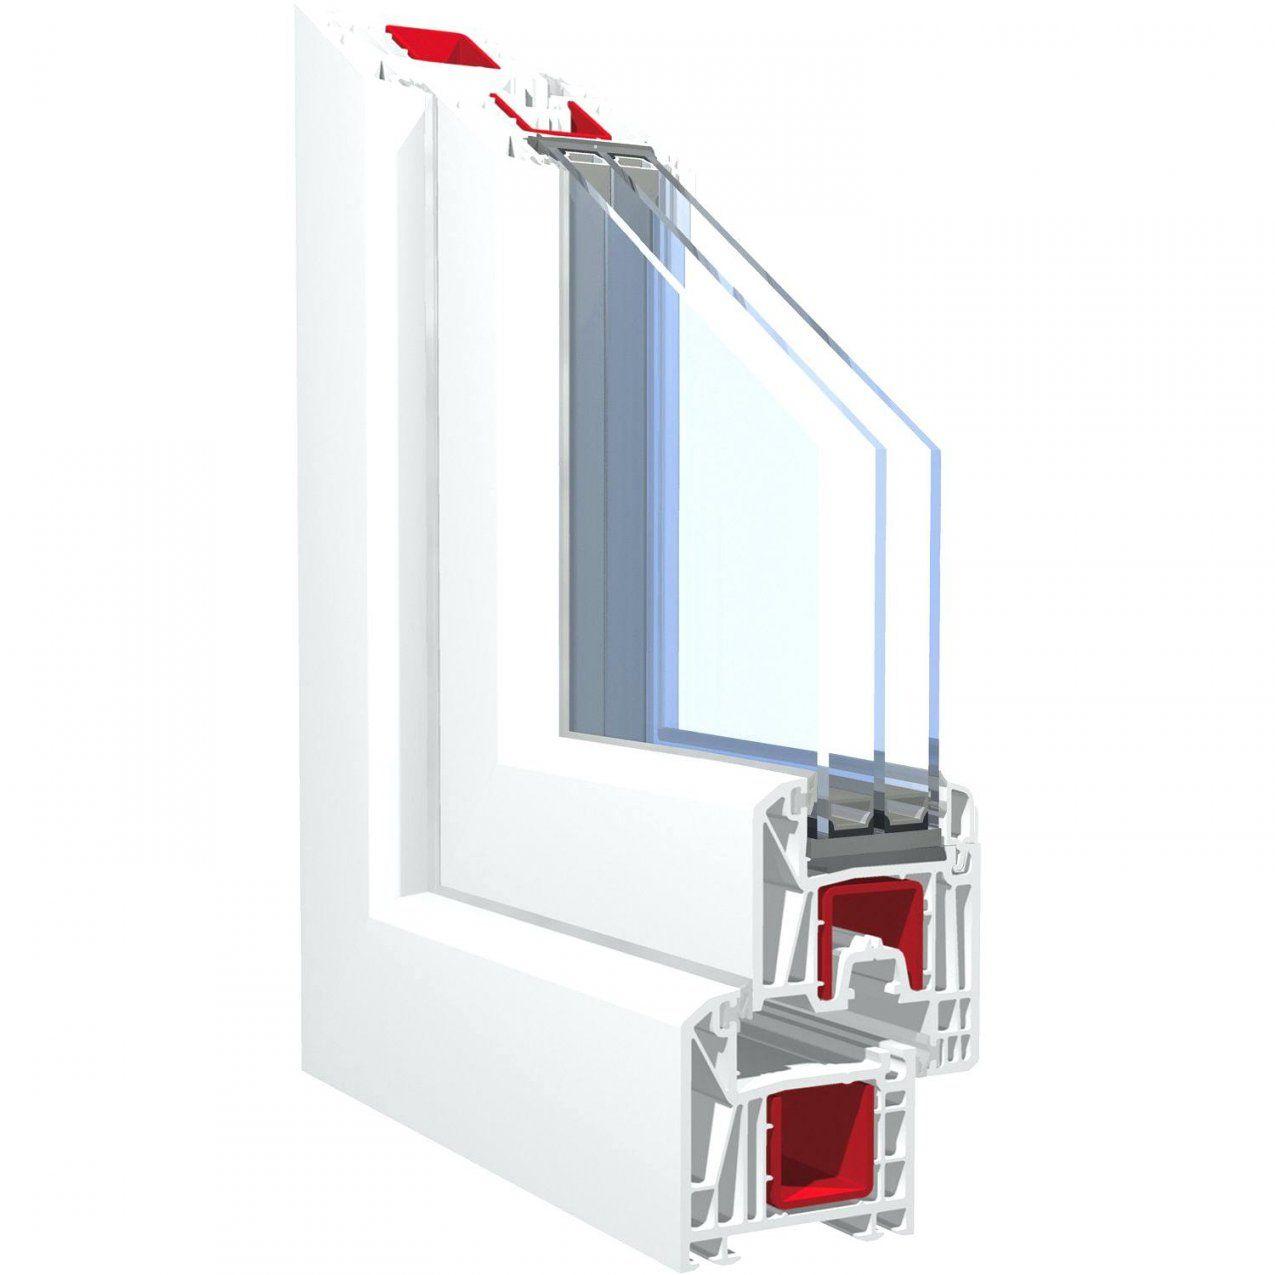 Dreifach Verglaste Fenster Fach Altbau Nachteile Larmschutz von 3 Fach Verglasung Nachteile Photo